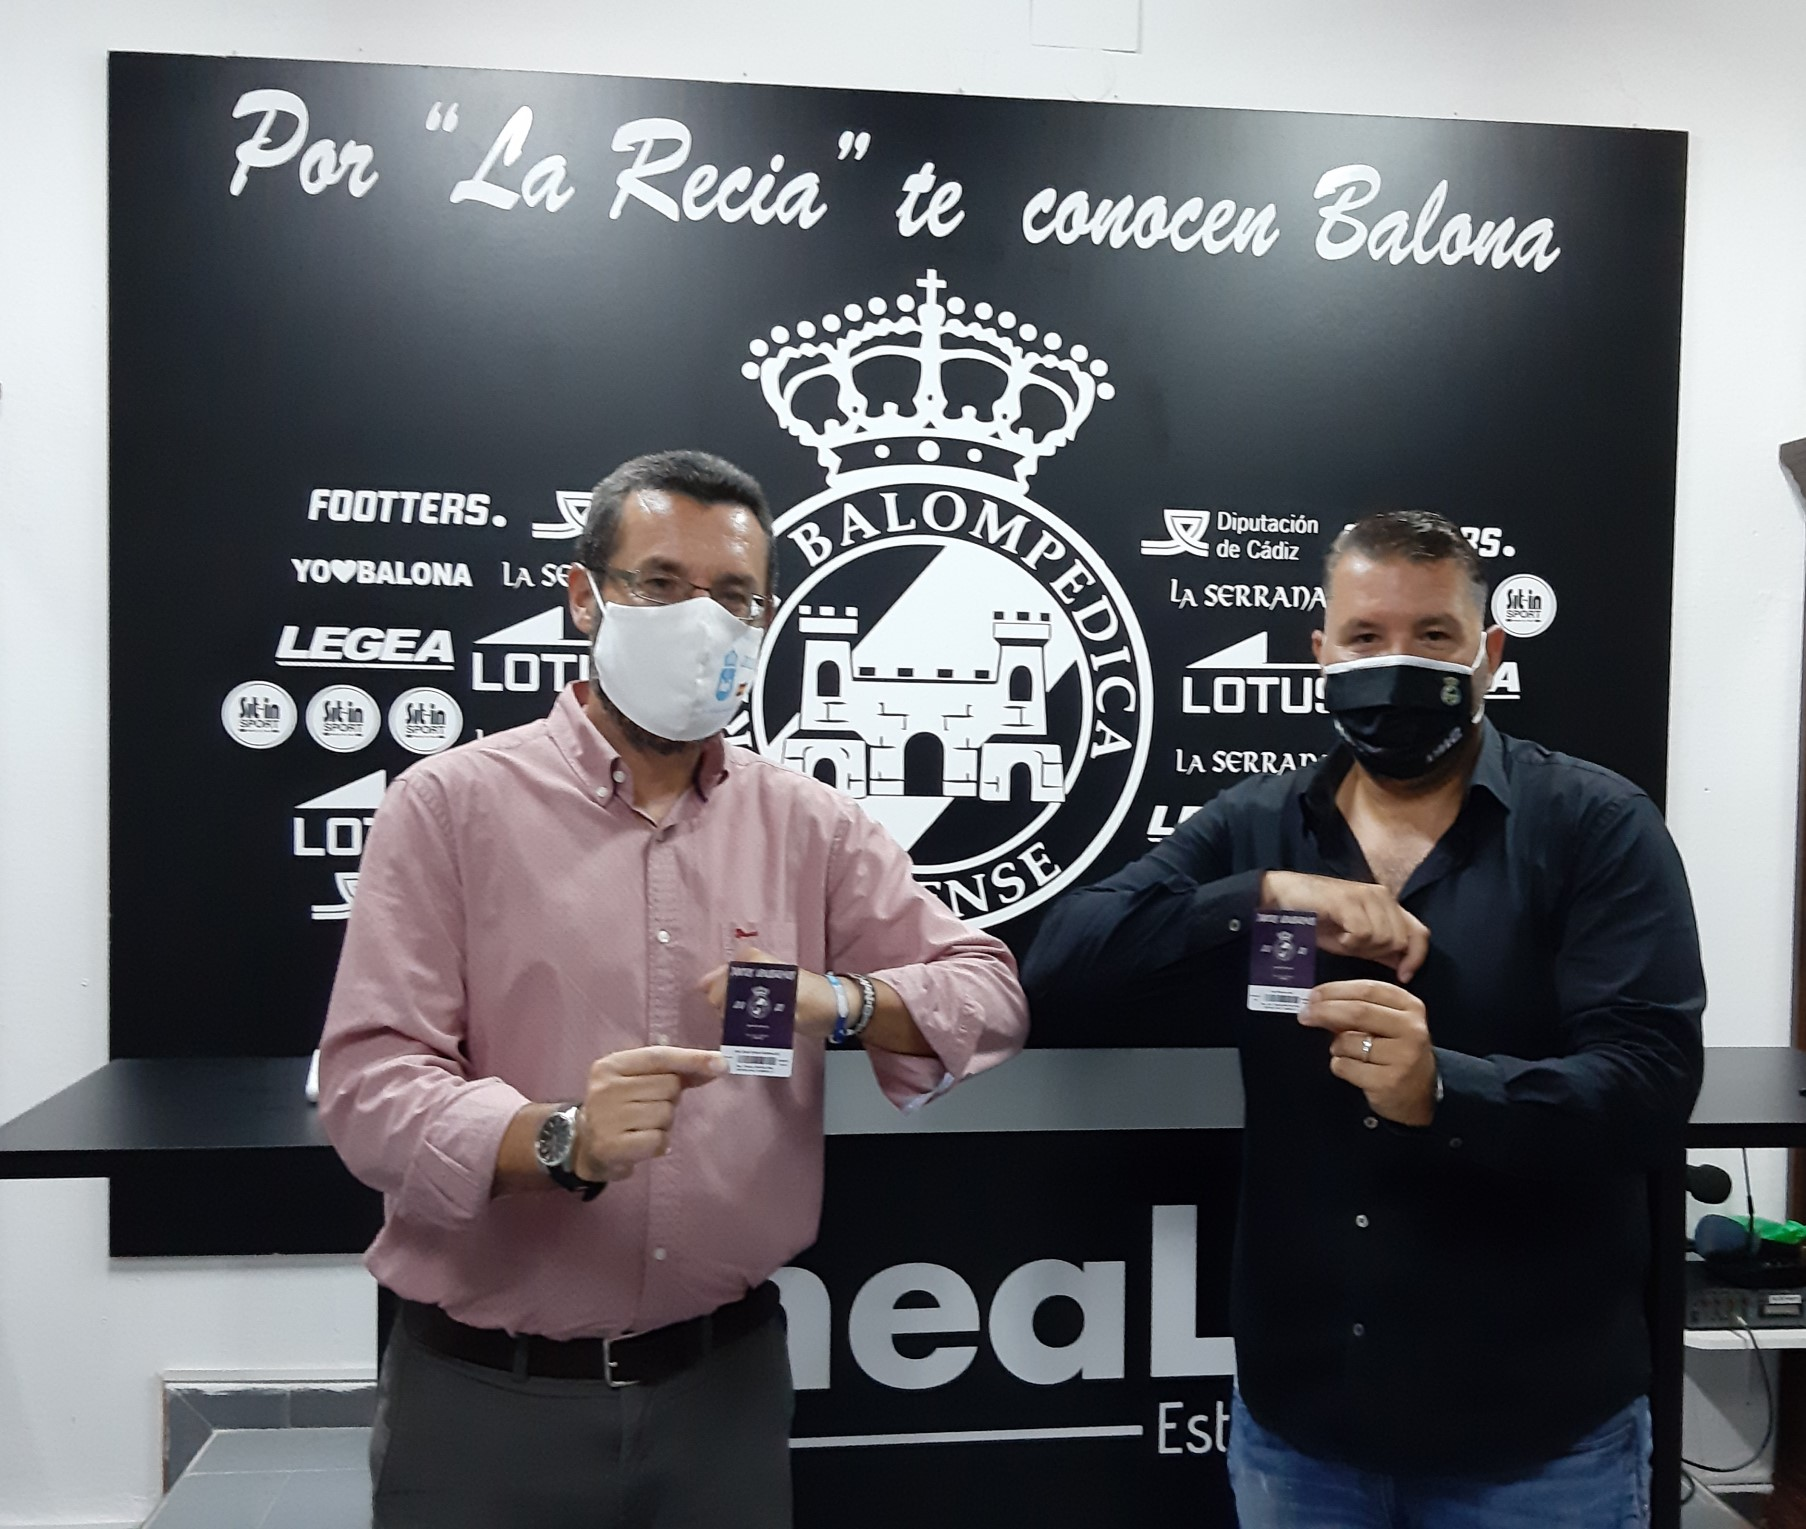 Alcalde y Presidente Balona abonos 2020 2021